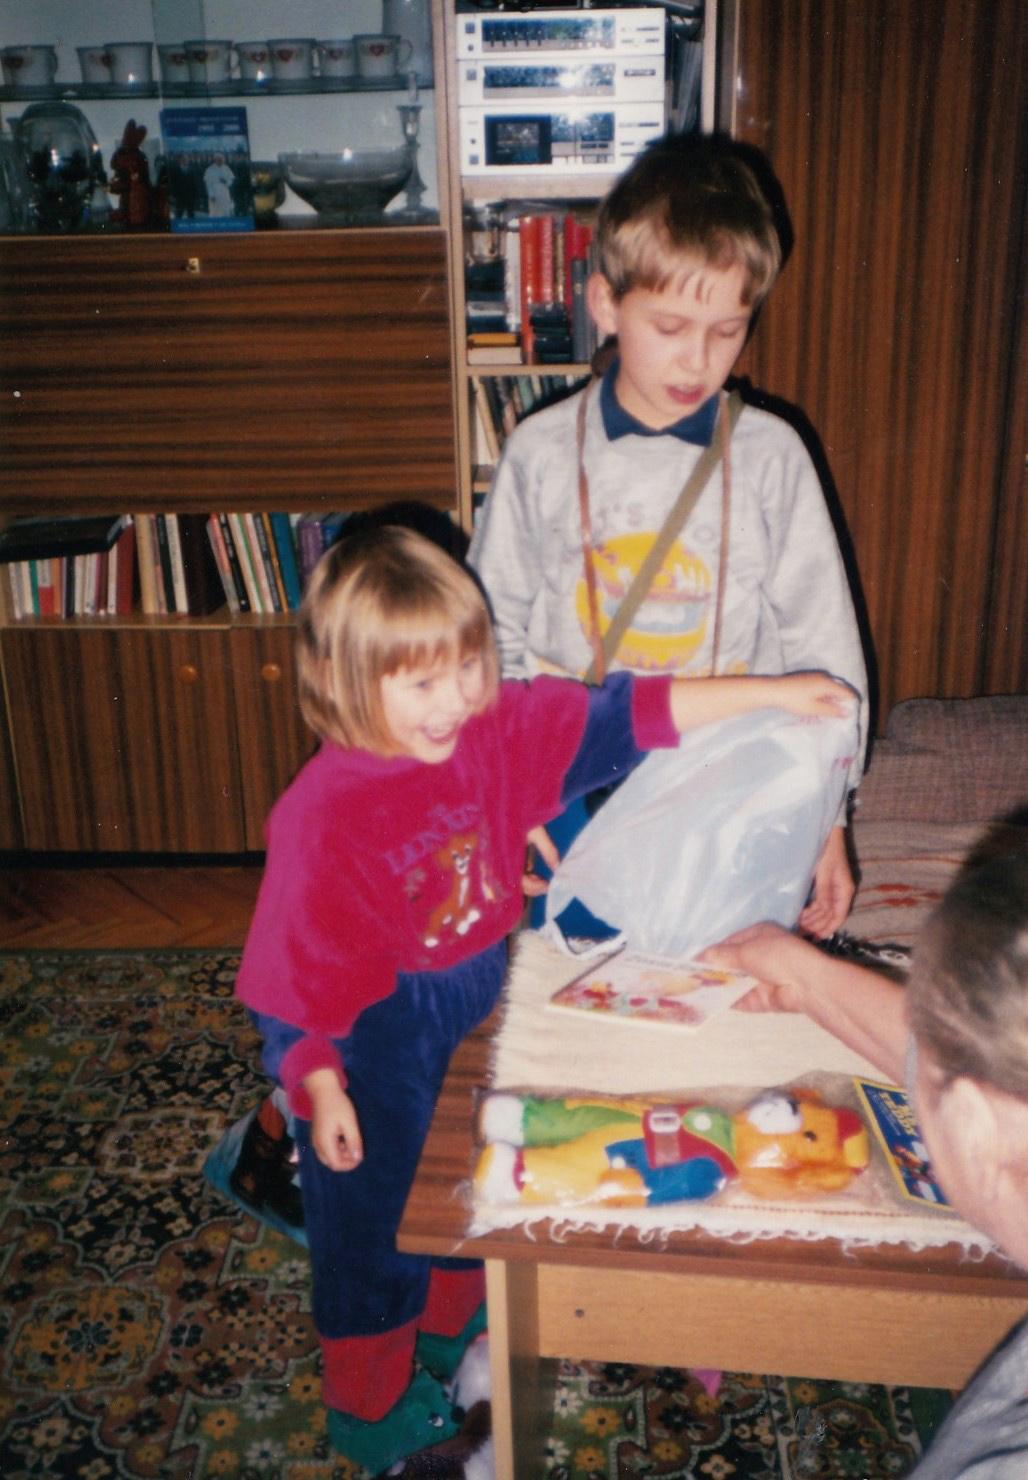 Radosne rozpakowywanie darów zeStanów, 1996